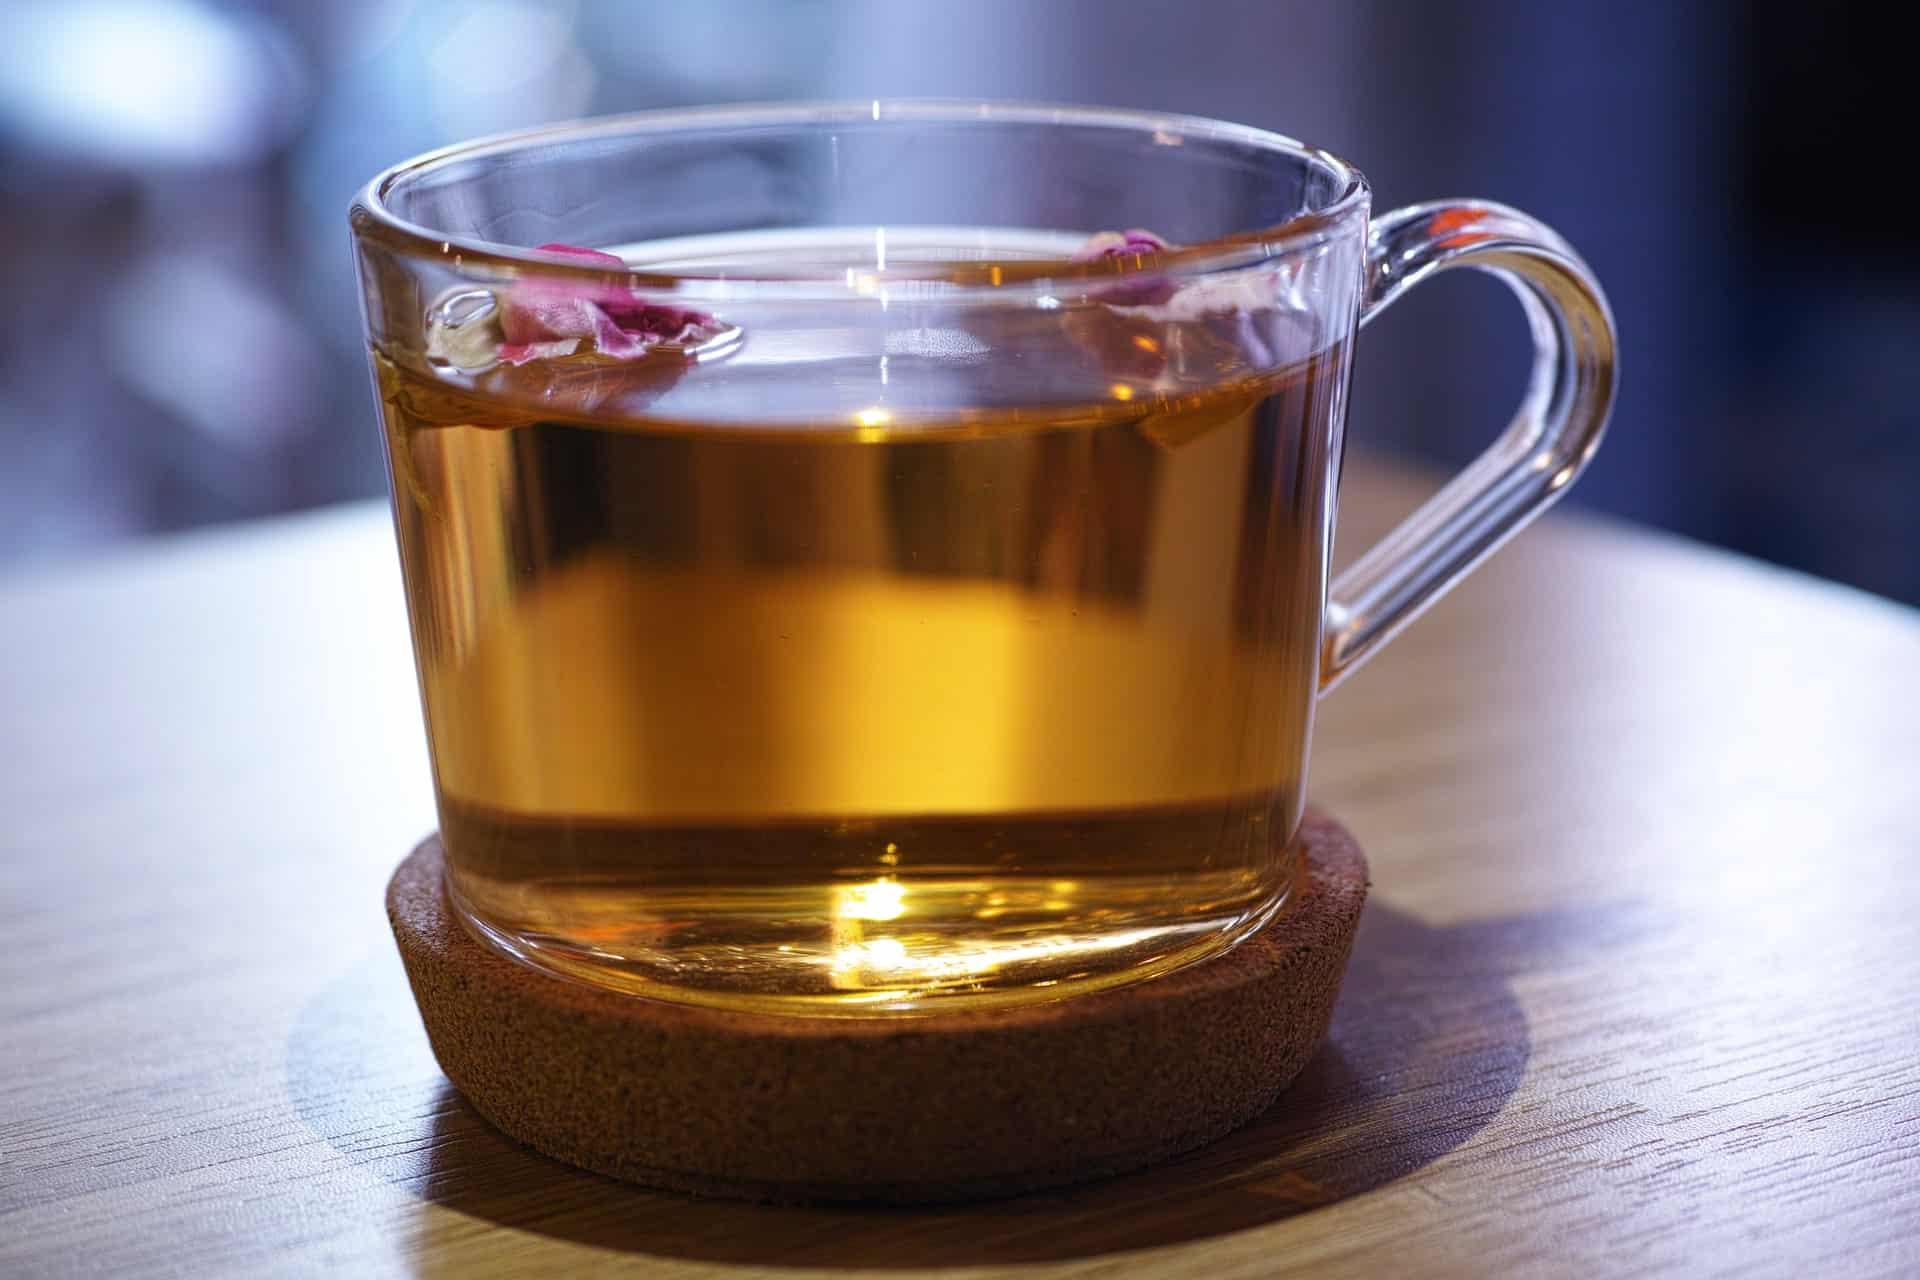 Homemade Detox Tea for Flat Stomach